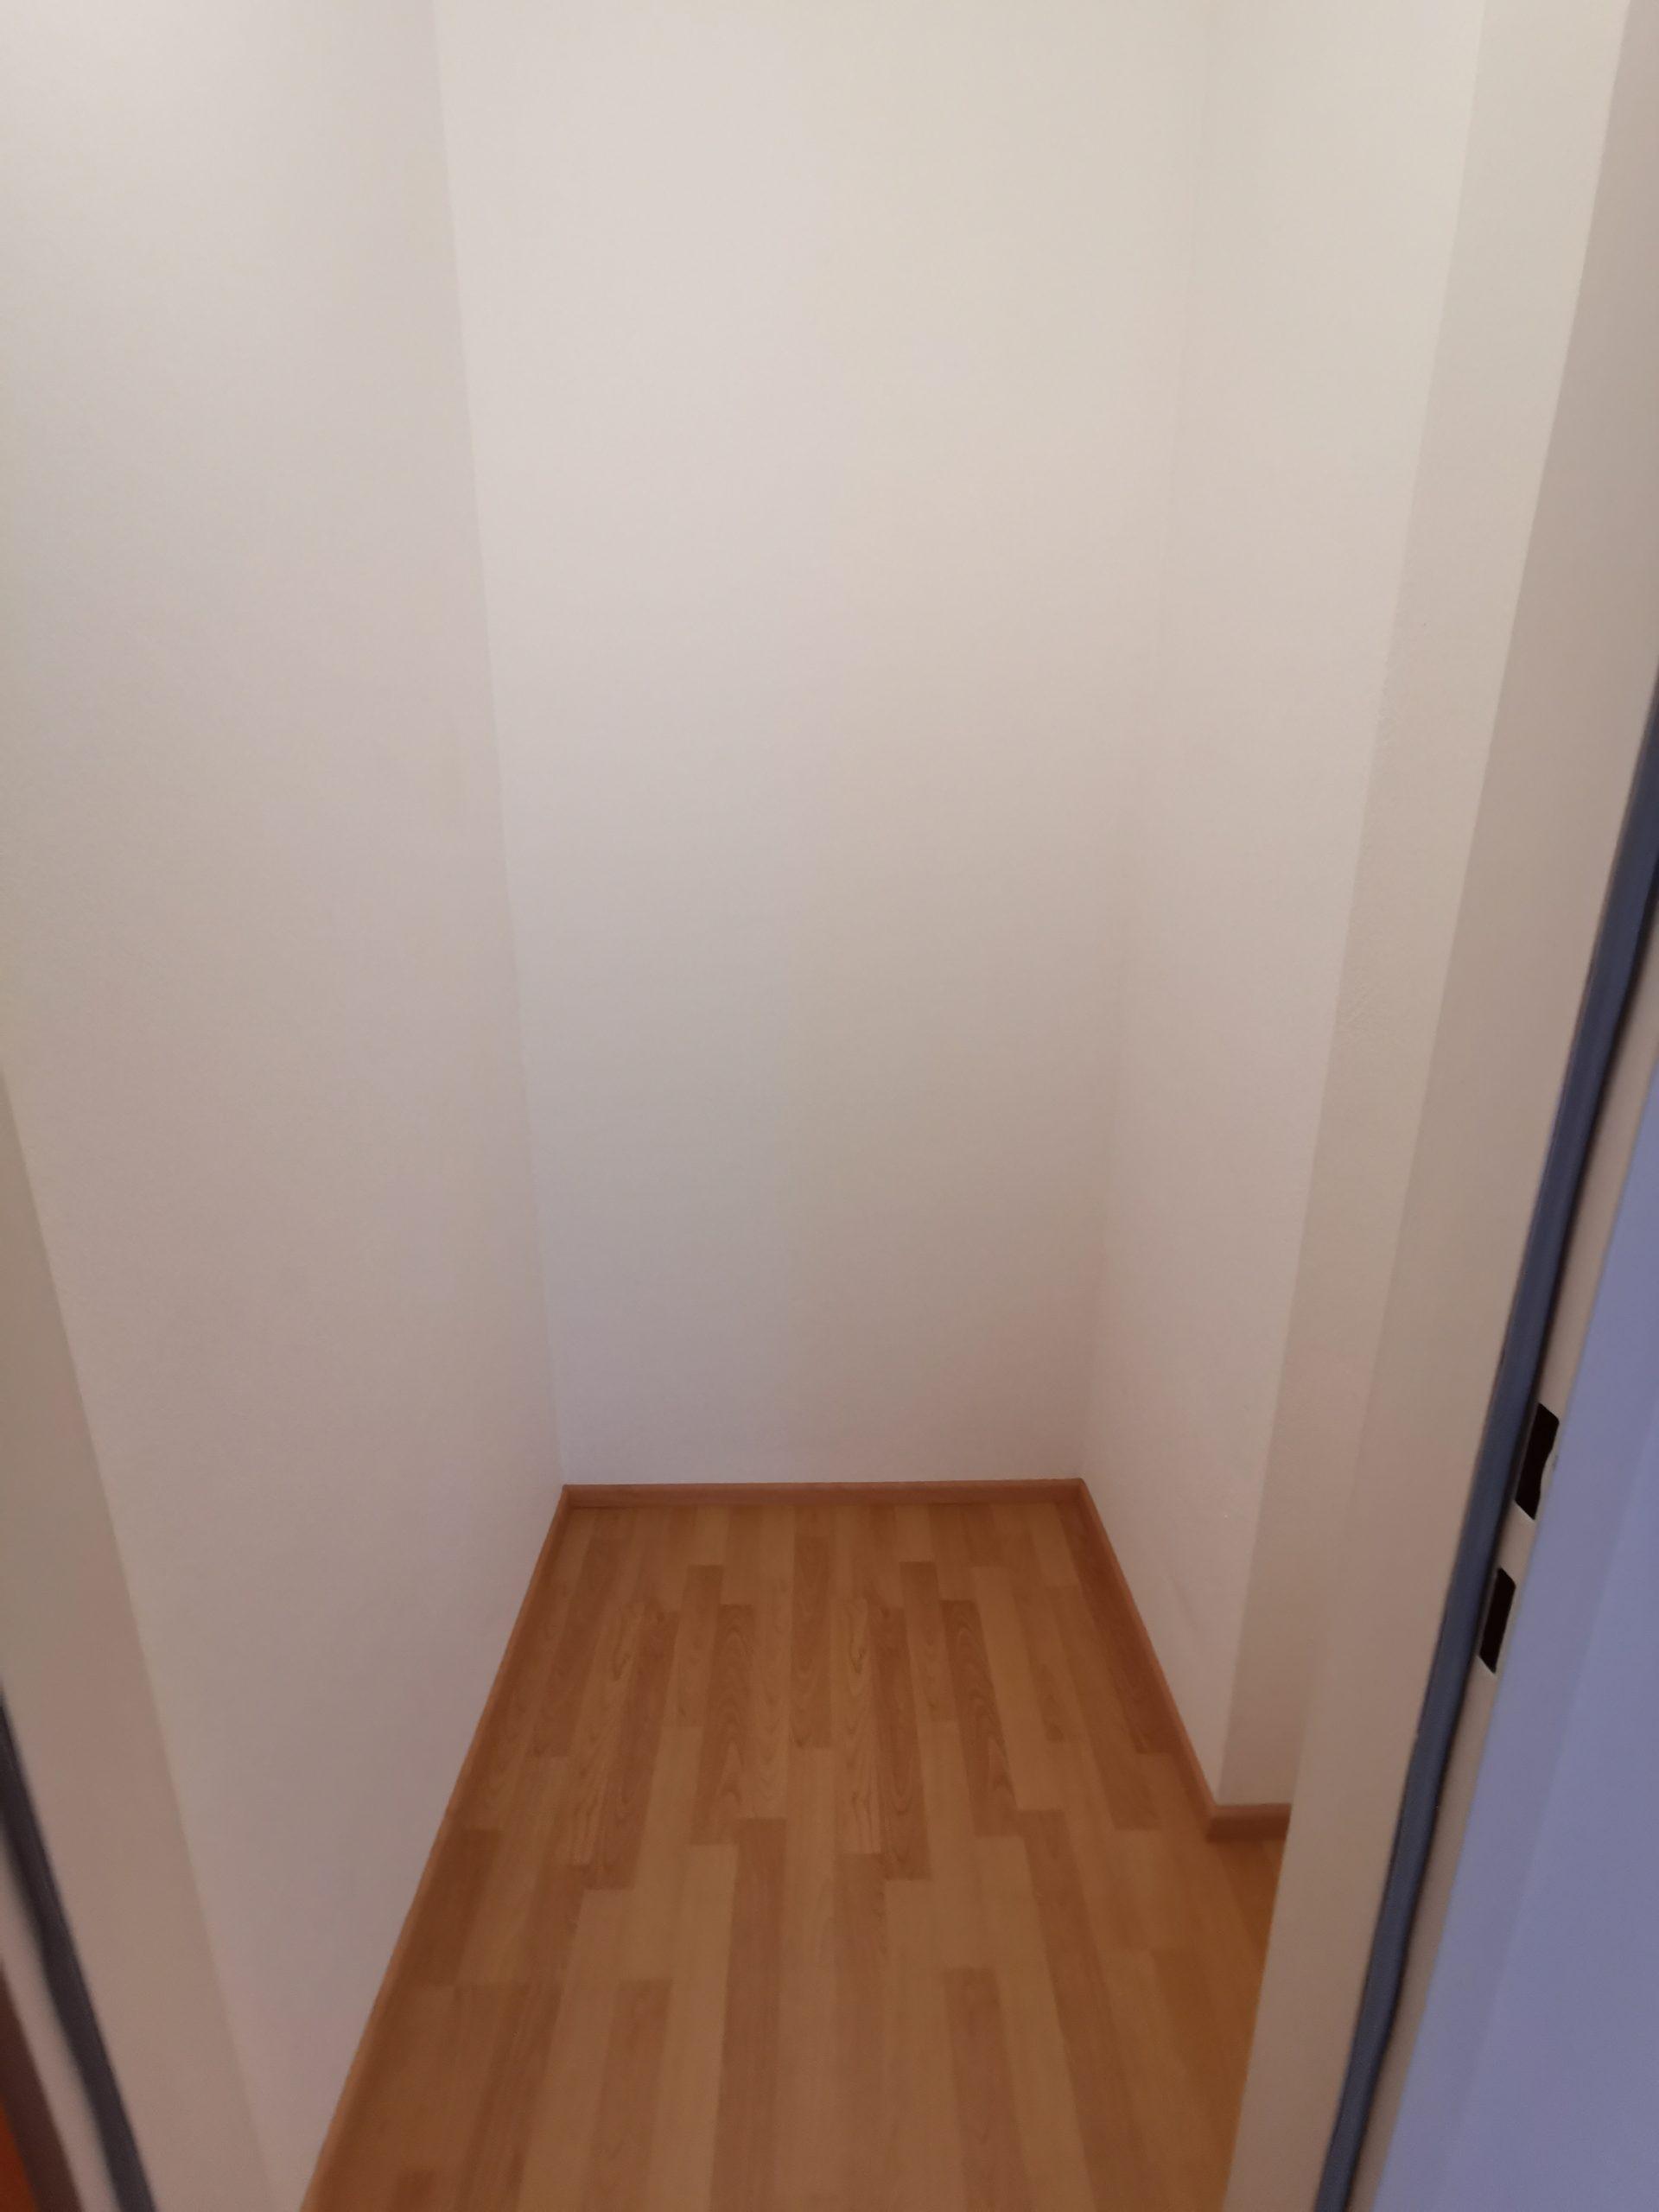 Immobilie von Kamptal in 3712 Maissau, Hollabrunn, Maissau II - Top 8 #3